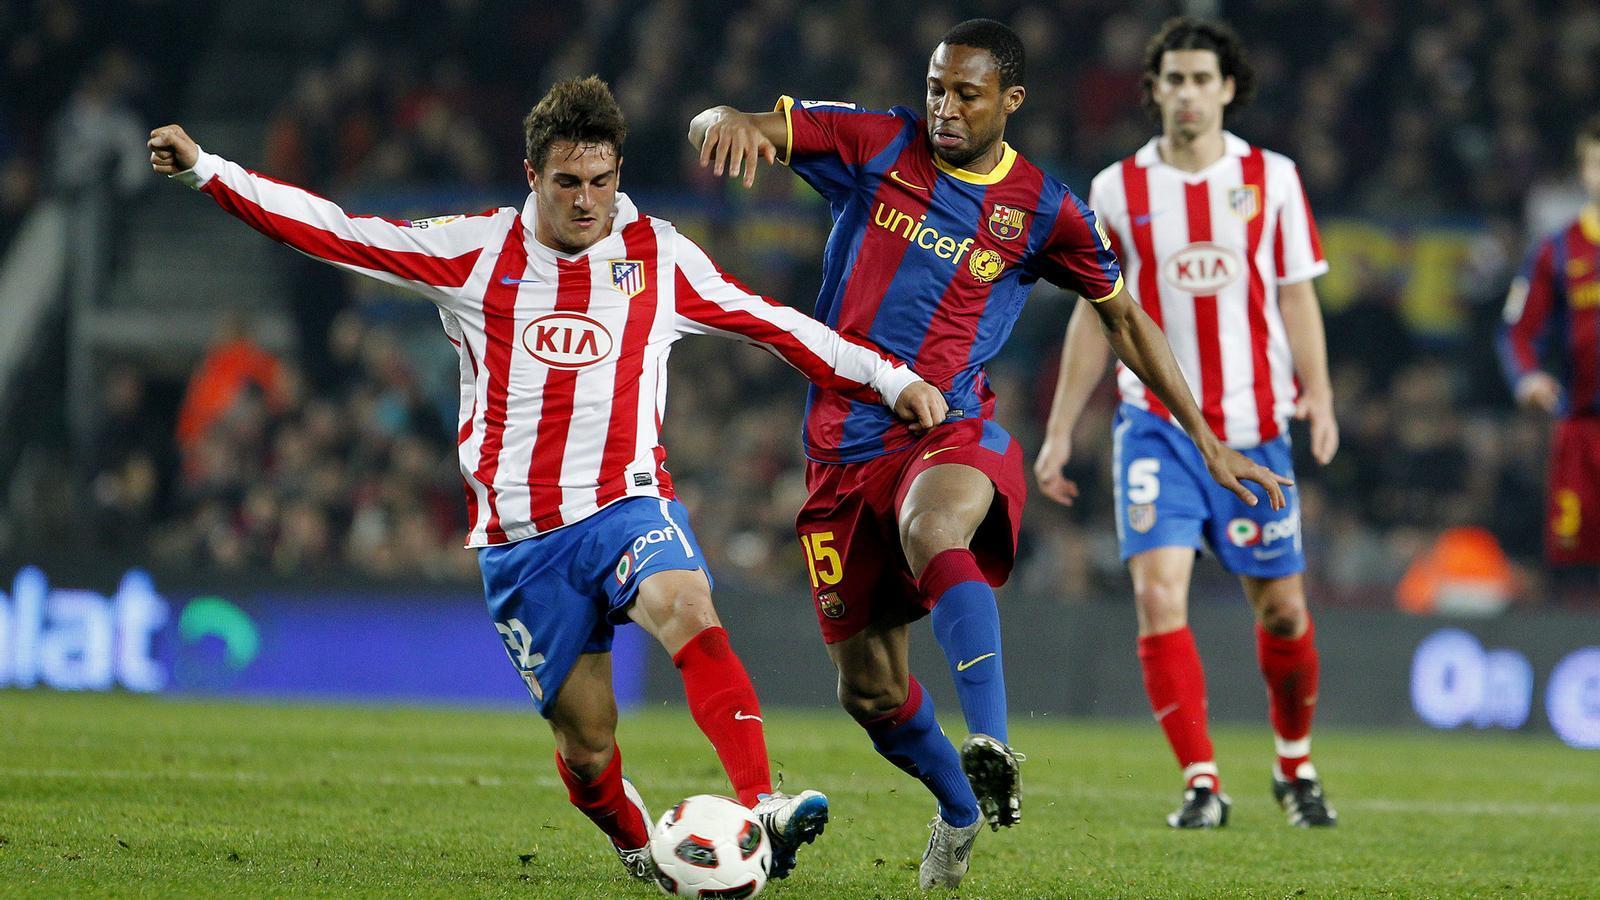 Keita li disputa una pilota al migcampista Koke en el partit de Lliga contra l'Atlètic de Madrid al Camp Nou. / PERE TORDERA